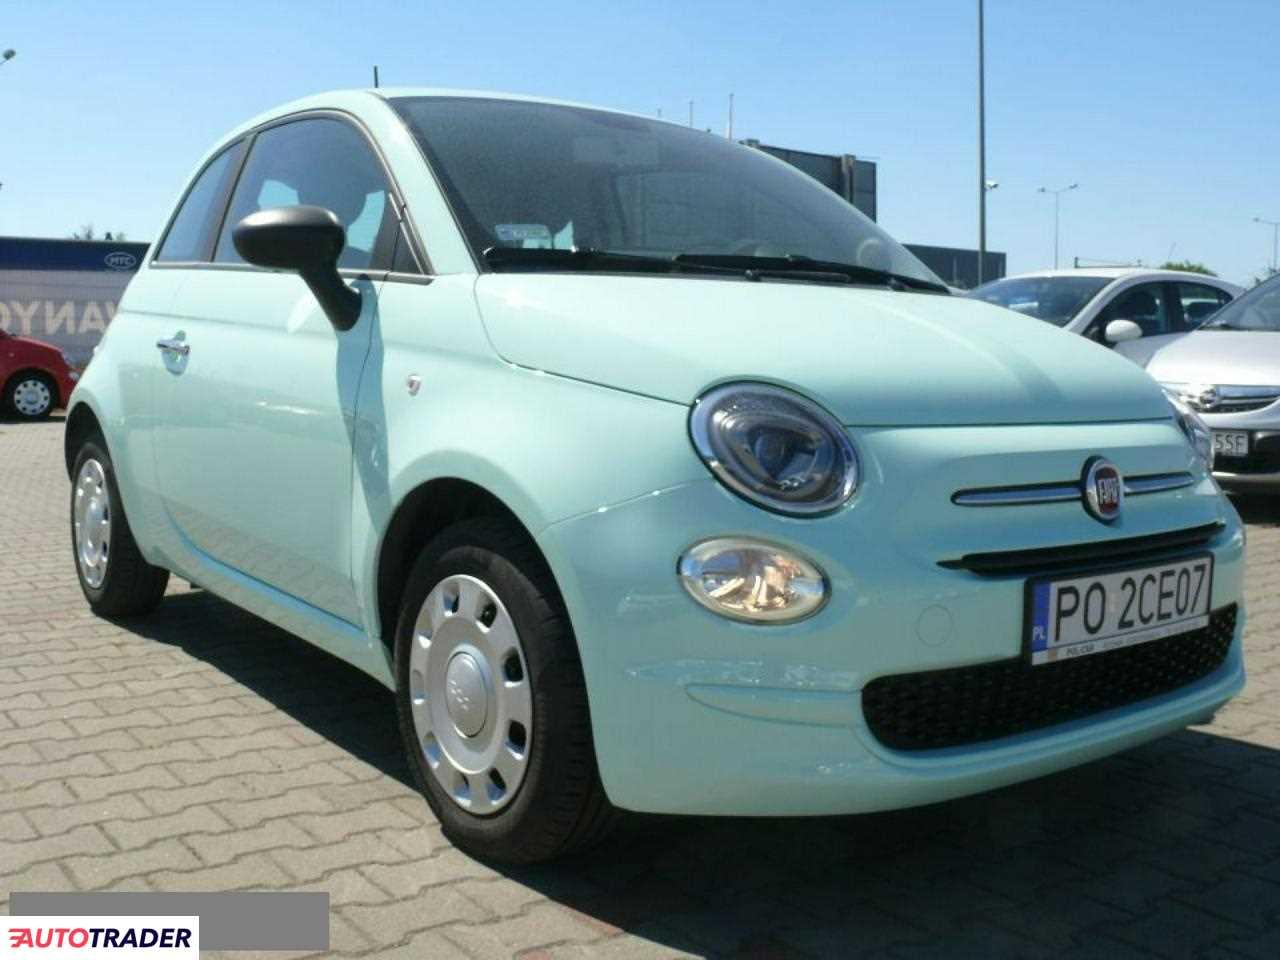 Fiat 500 2017 1.2 69 KM